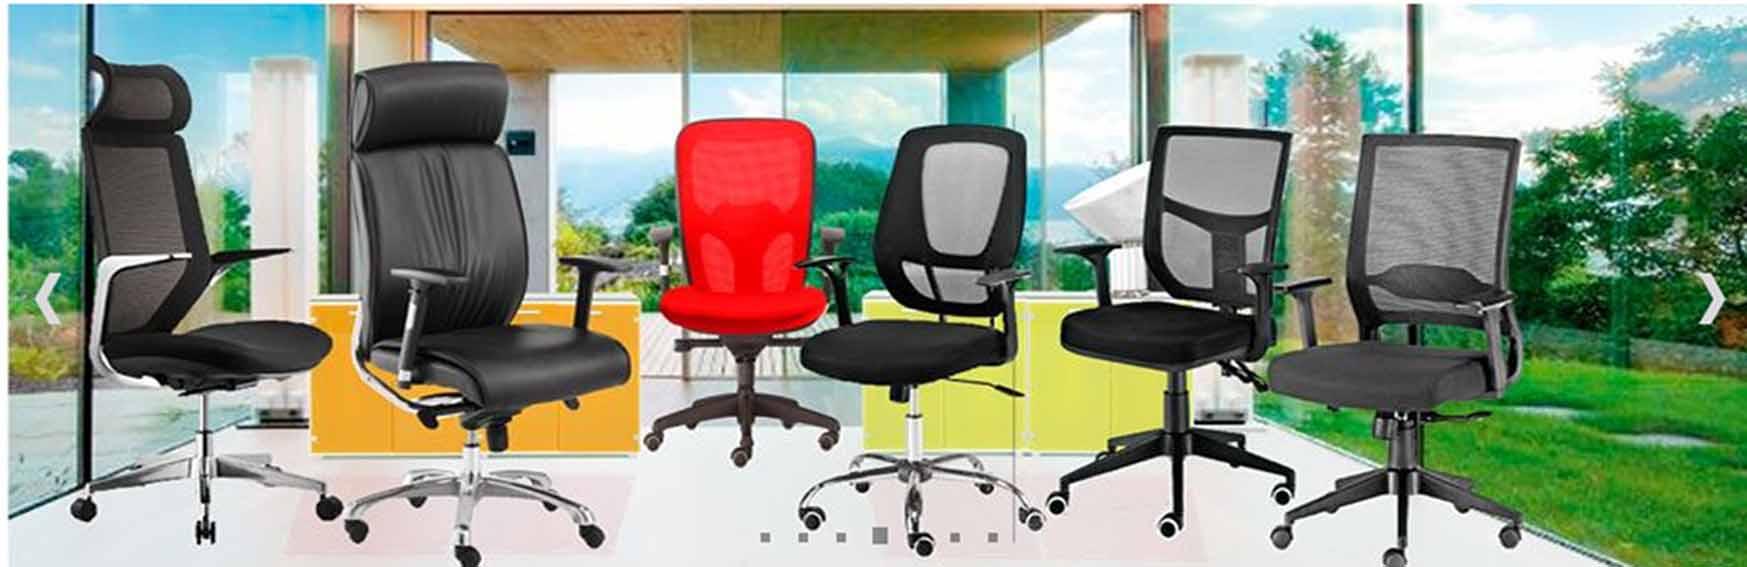 La mayor exposici n de muebles de oficina panel2000 for Muebles de oficina 2000